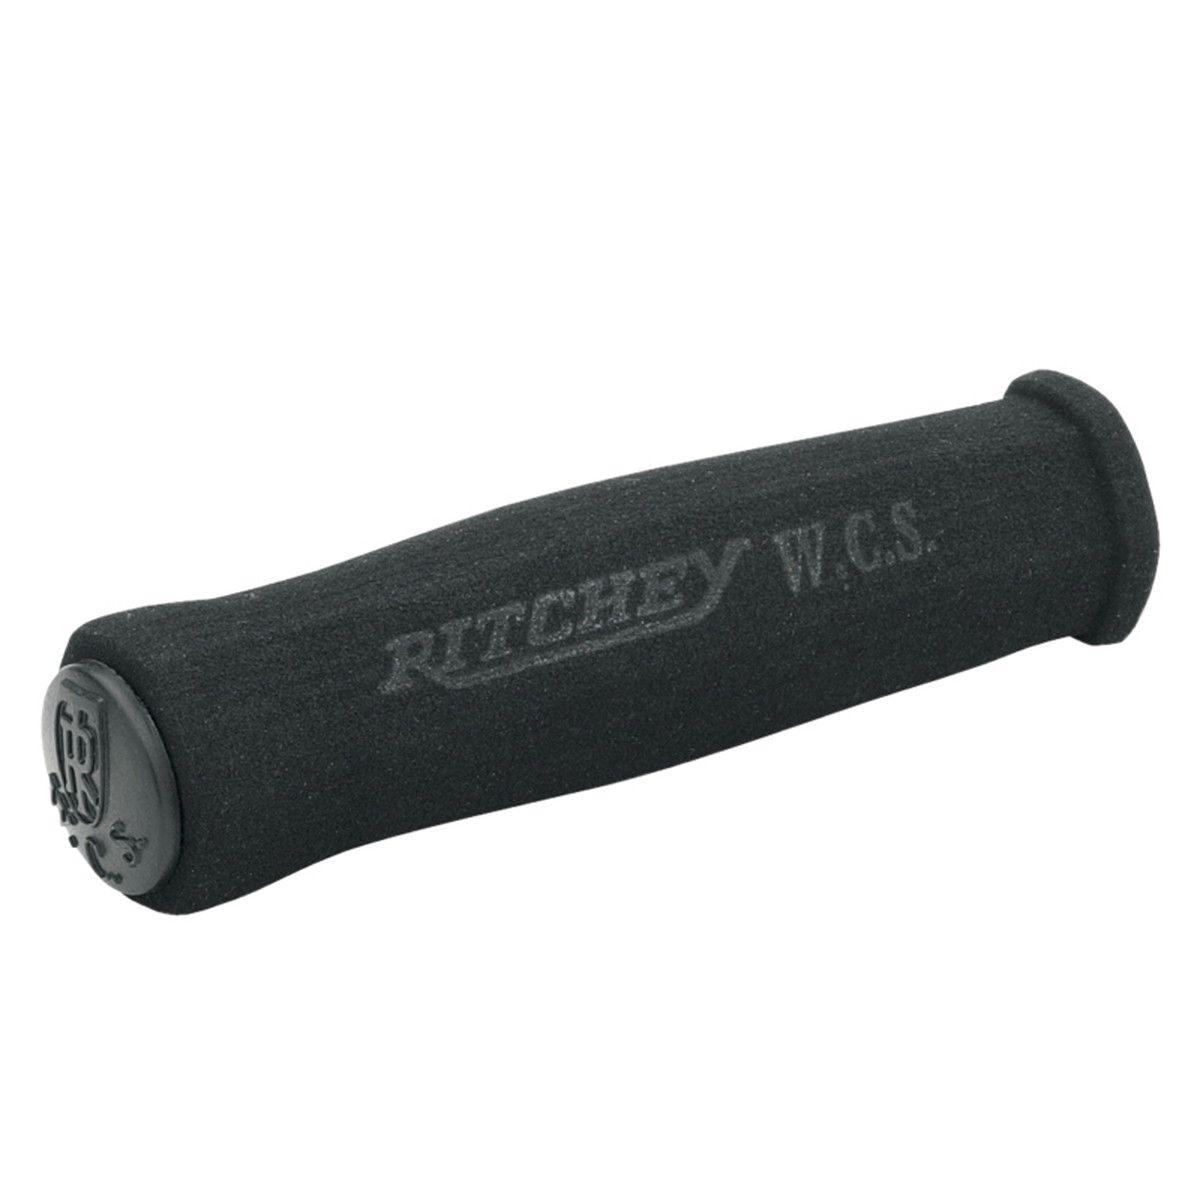 RITCHEY/リッチー WCS トゥルーグリップ ブラック 自転車部品 サイクルパーツ